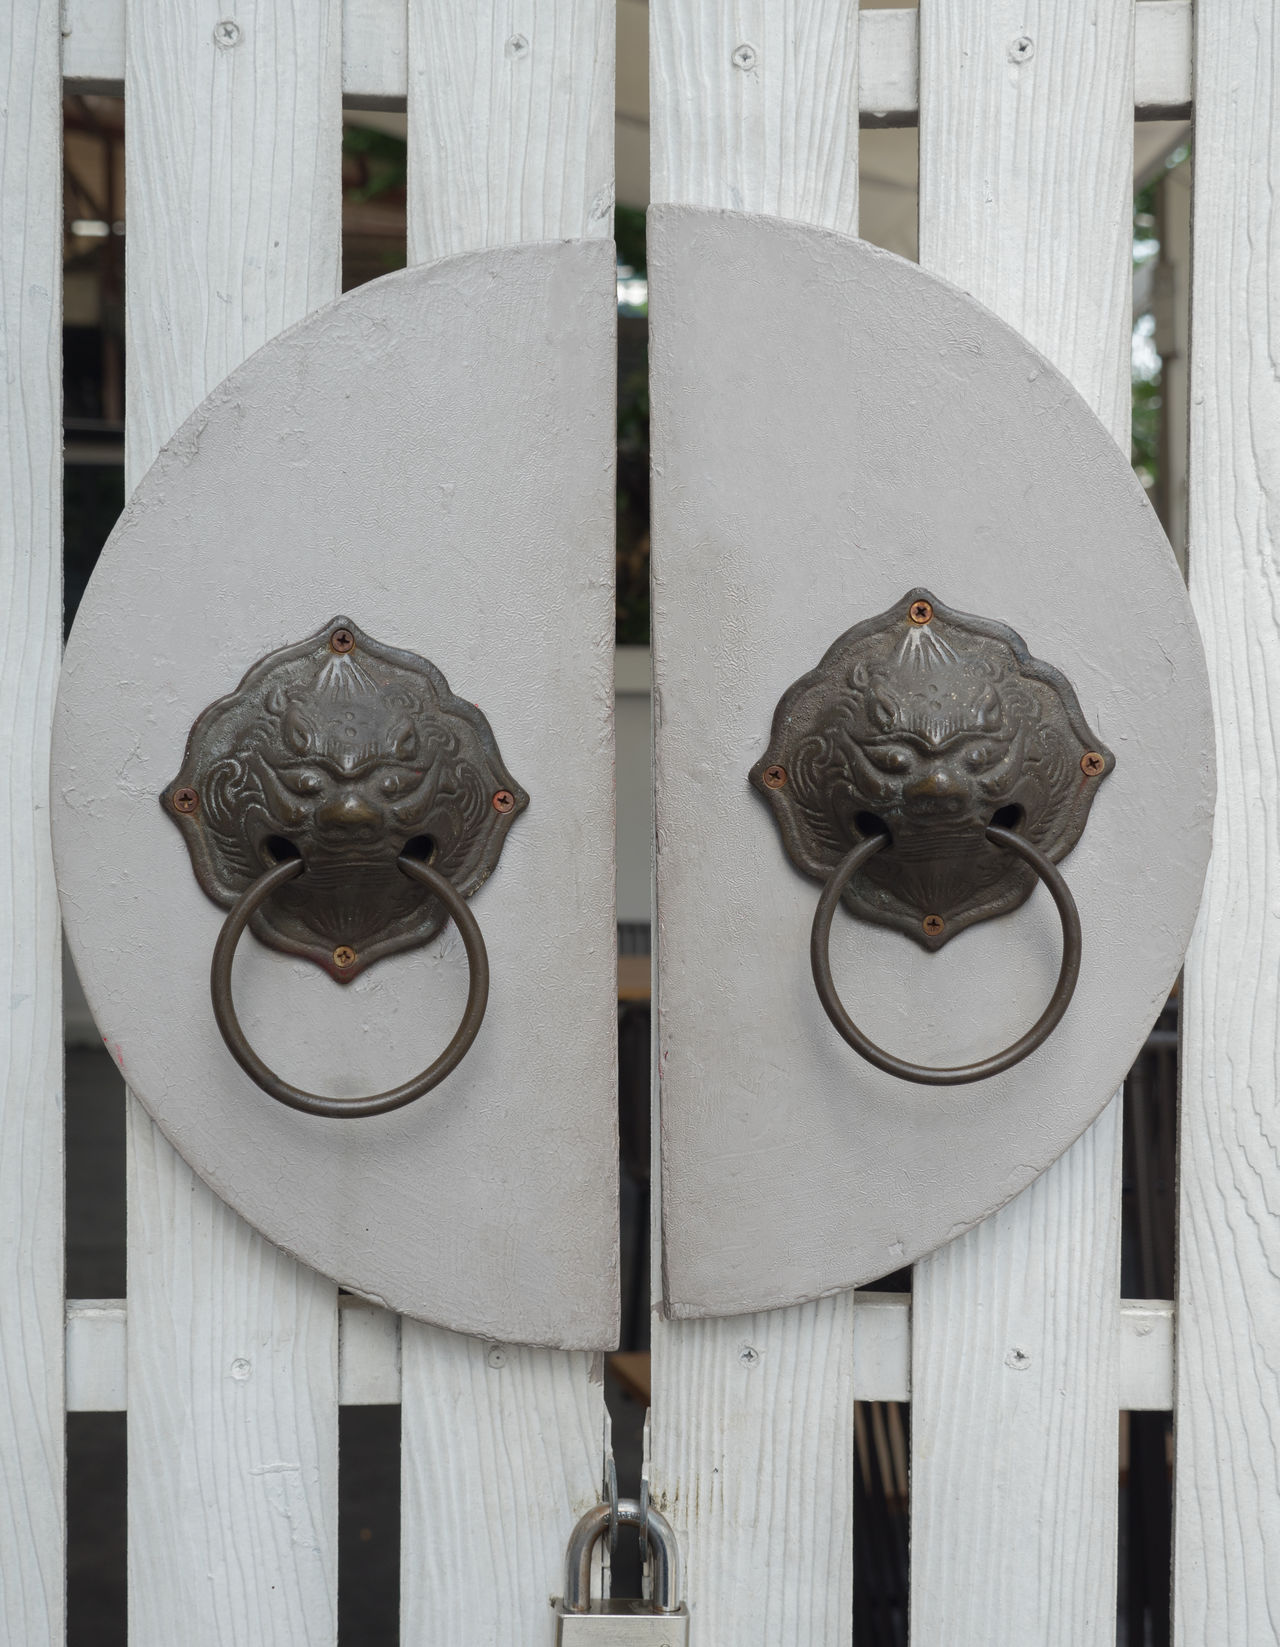 Beautiful stock photos of löwe, Animal Representation, Carving - Craft Product, Circle, Close-Up